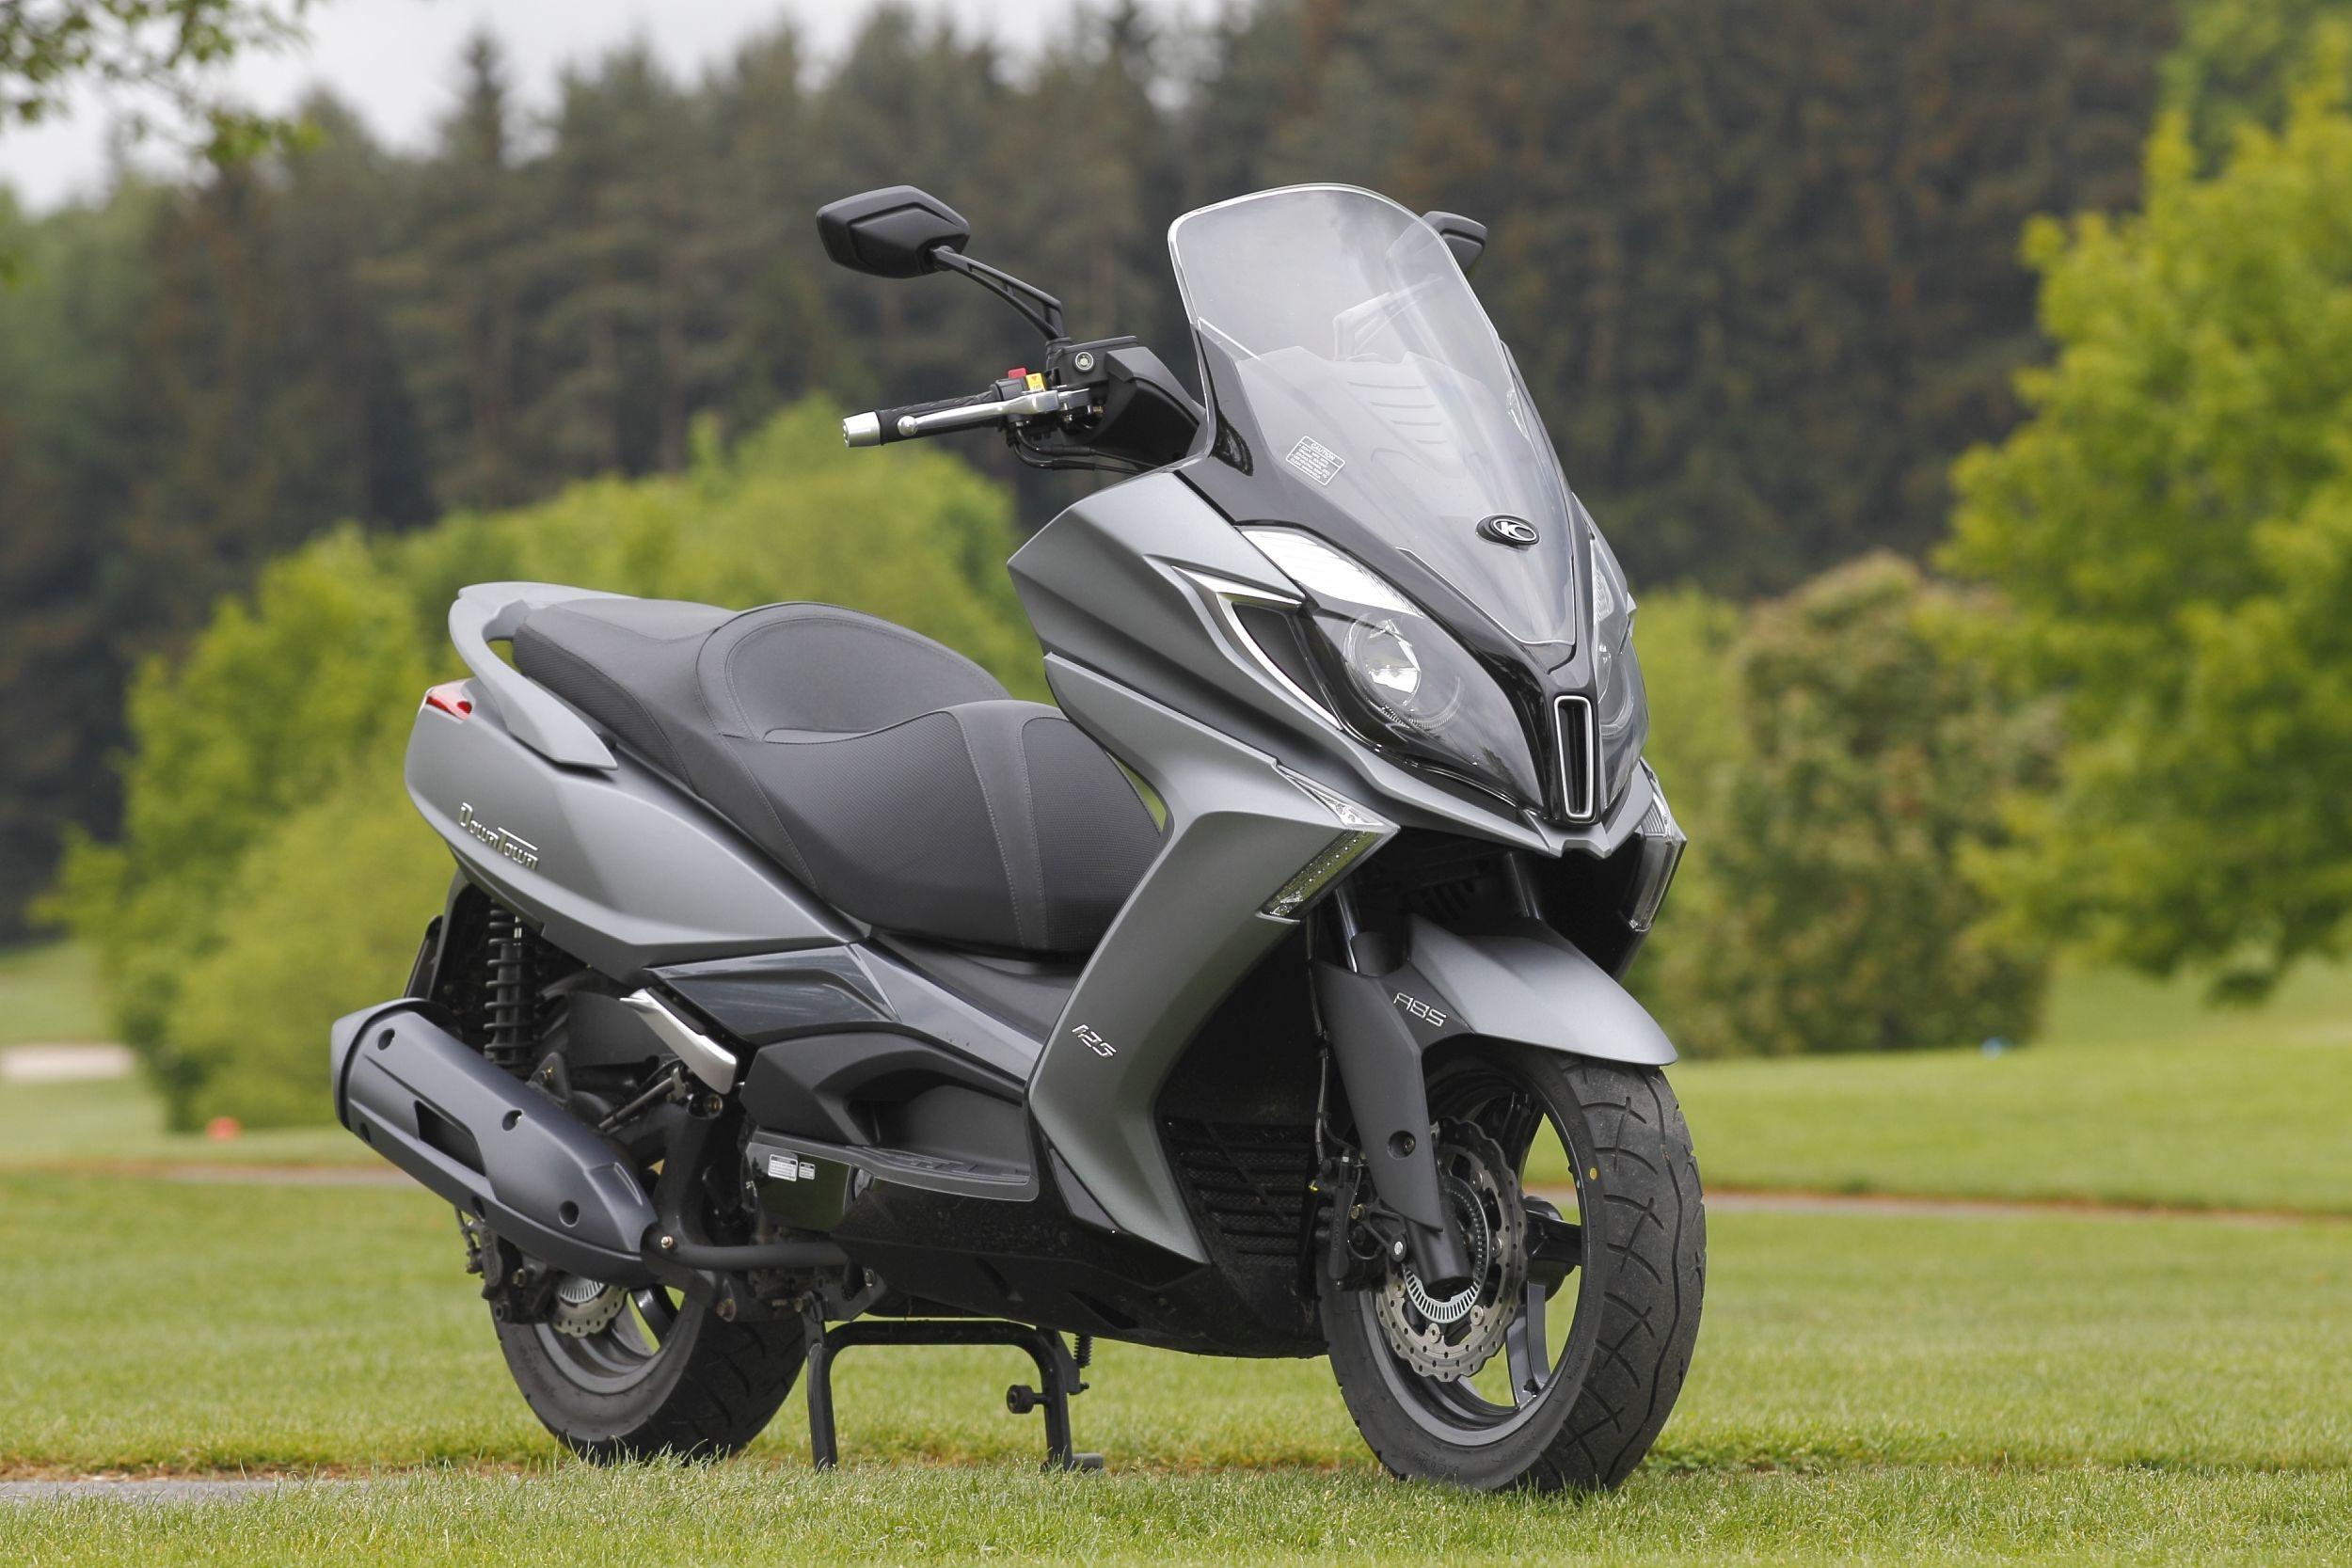 Kymco Agility 125 >> Gebrauchte und neue Kymco Downtown 125i Motorräder kaufen